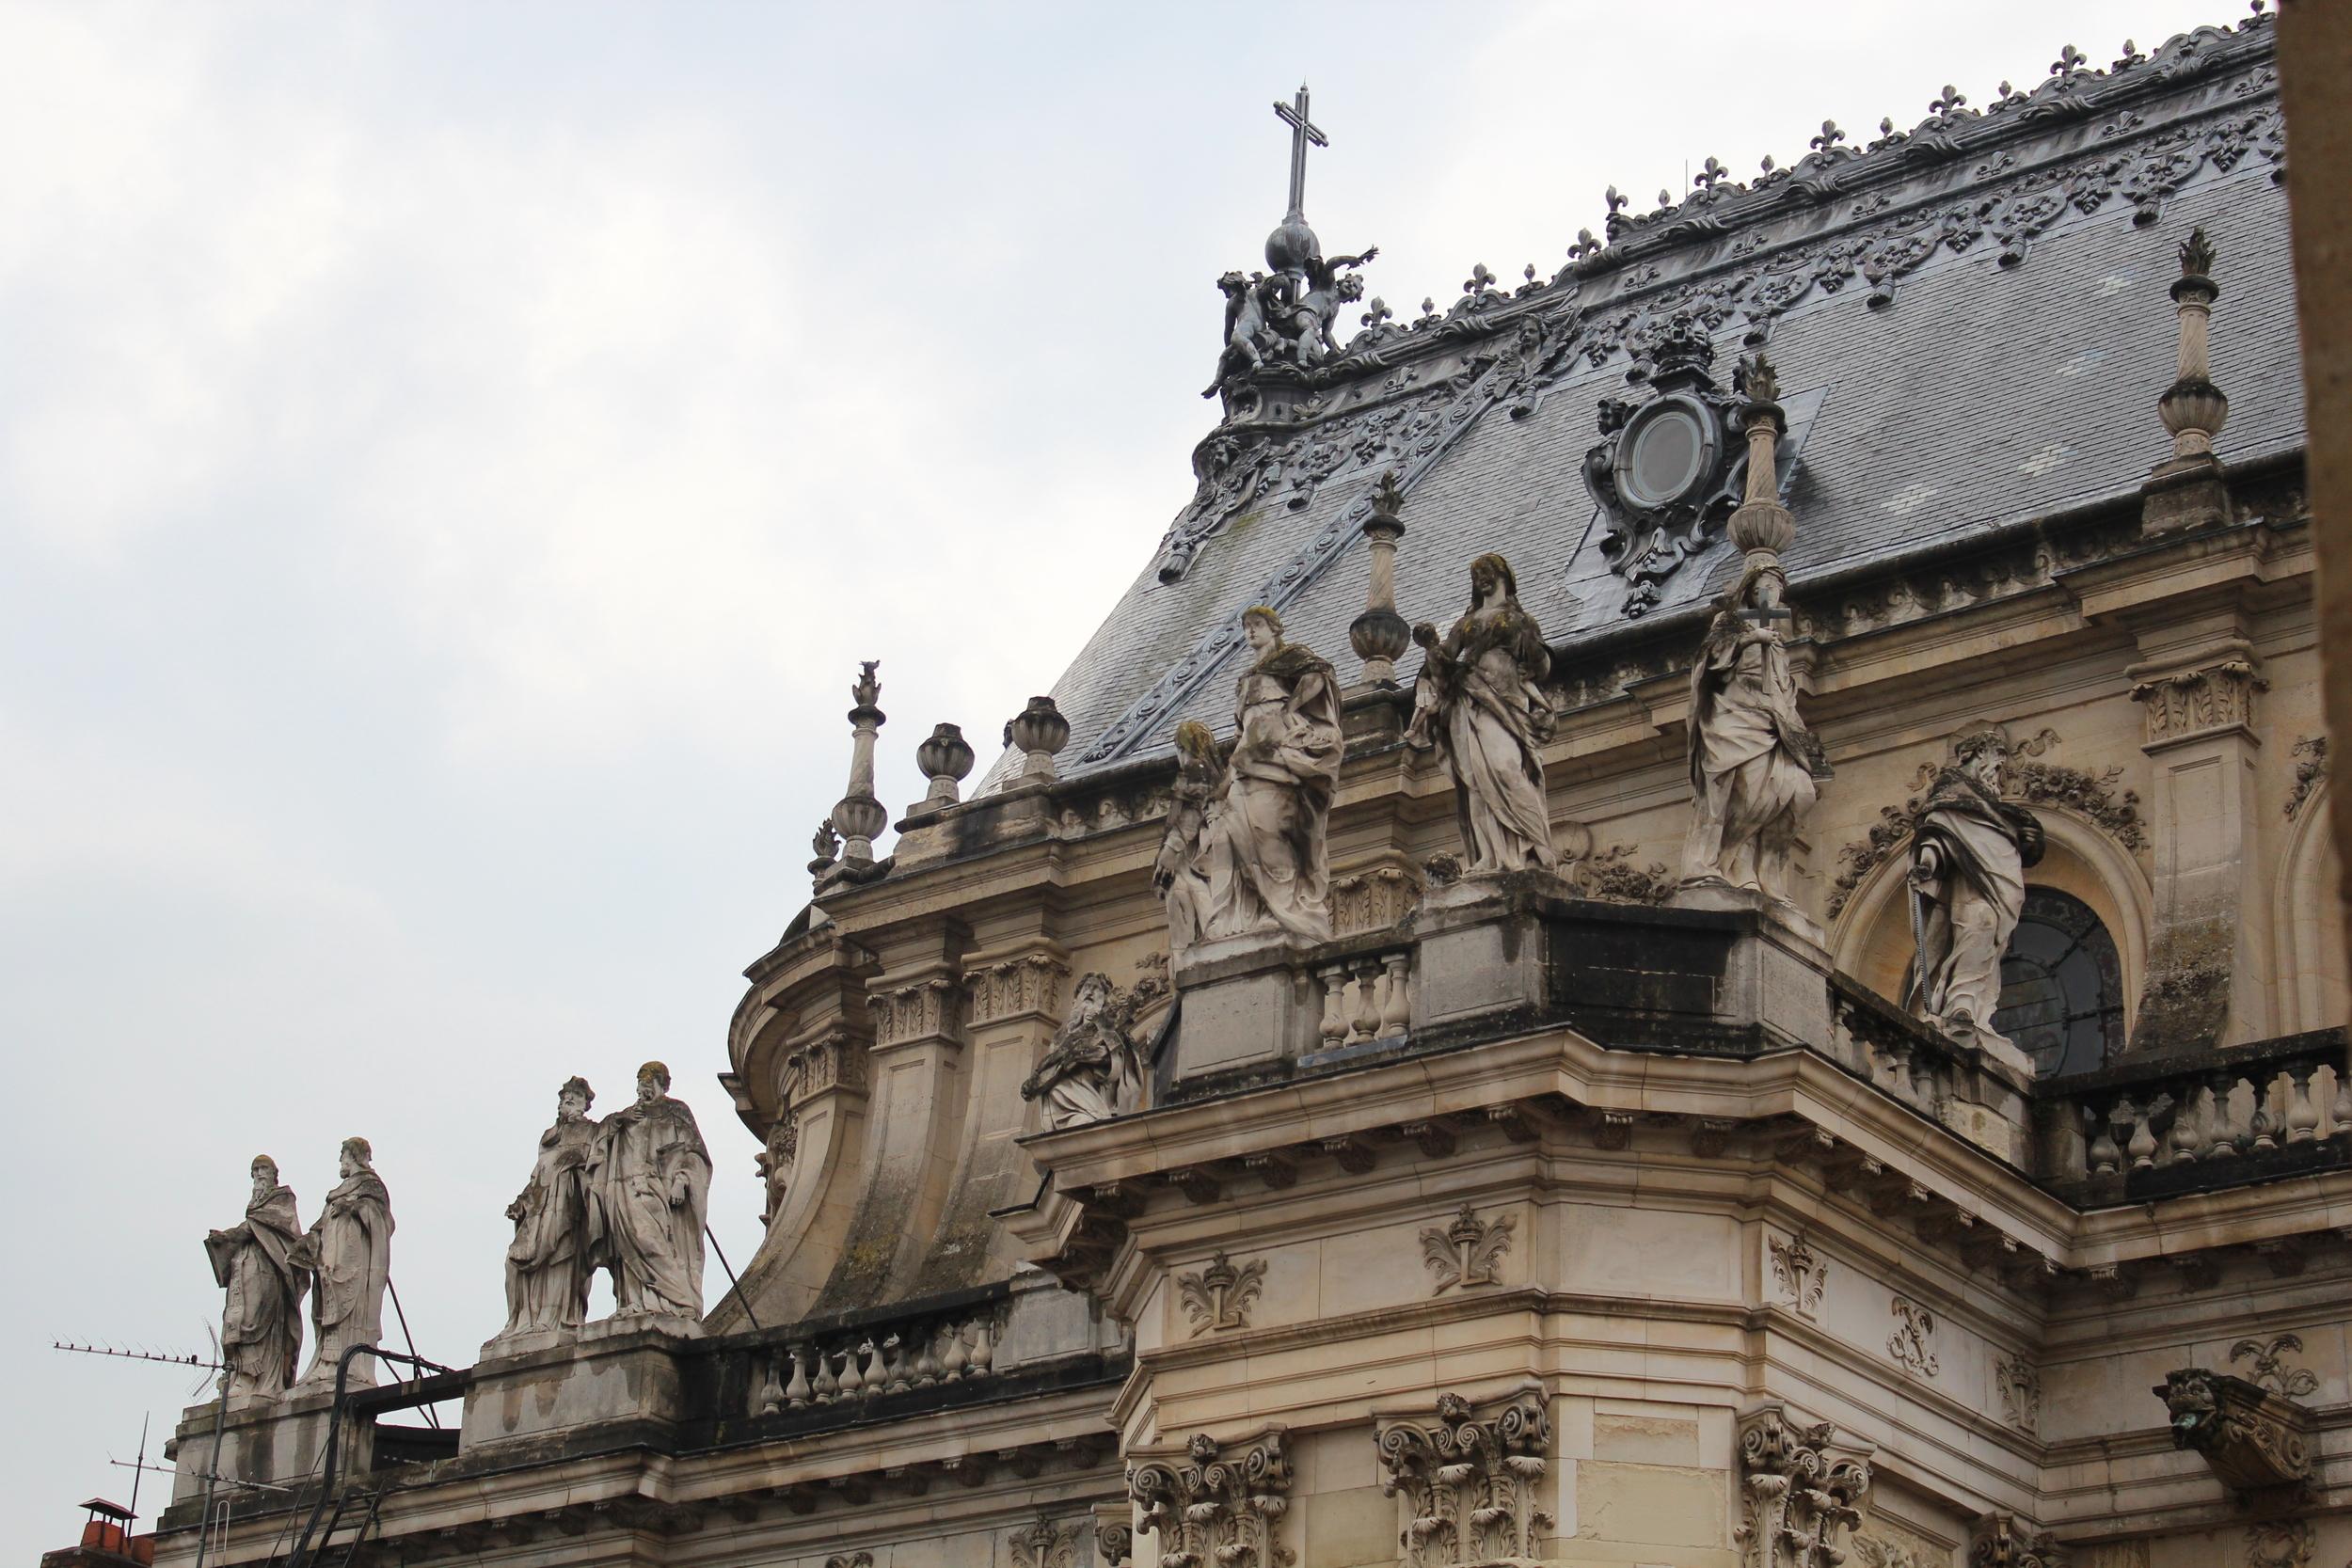 Roof of Versailles